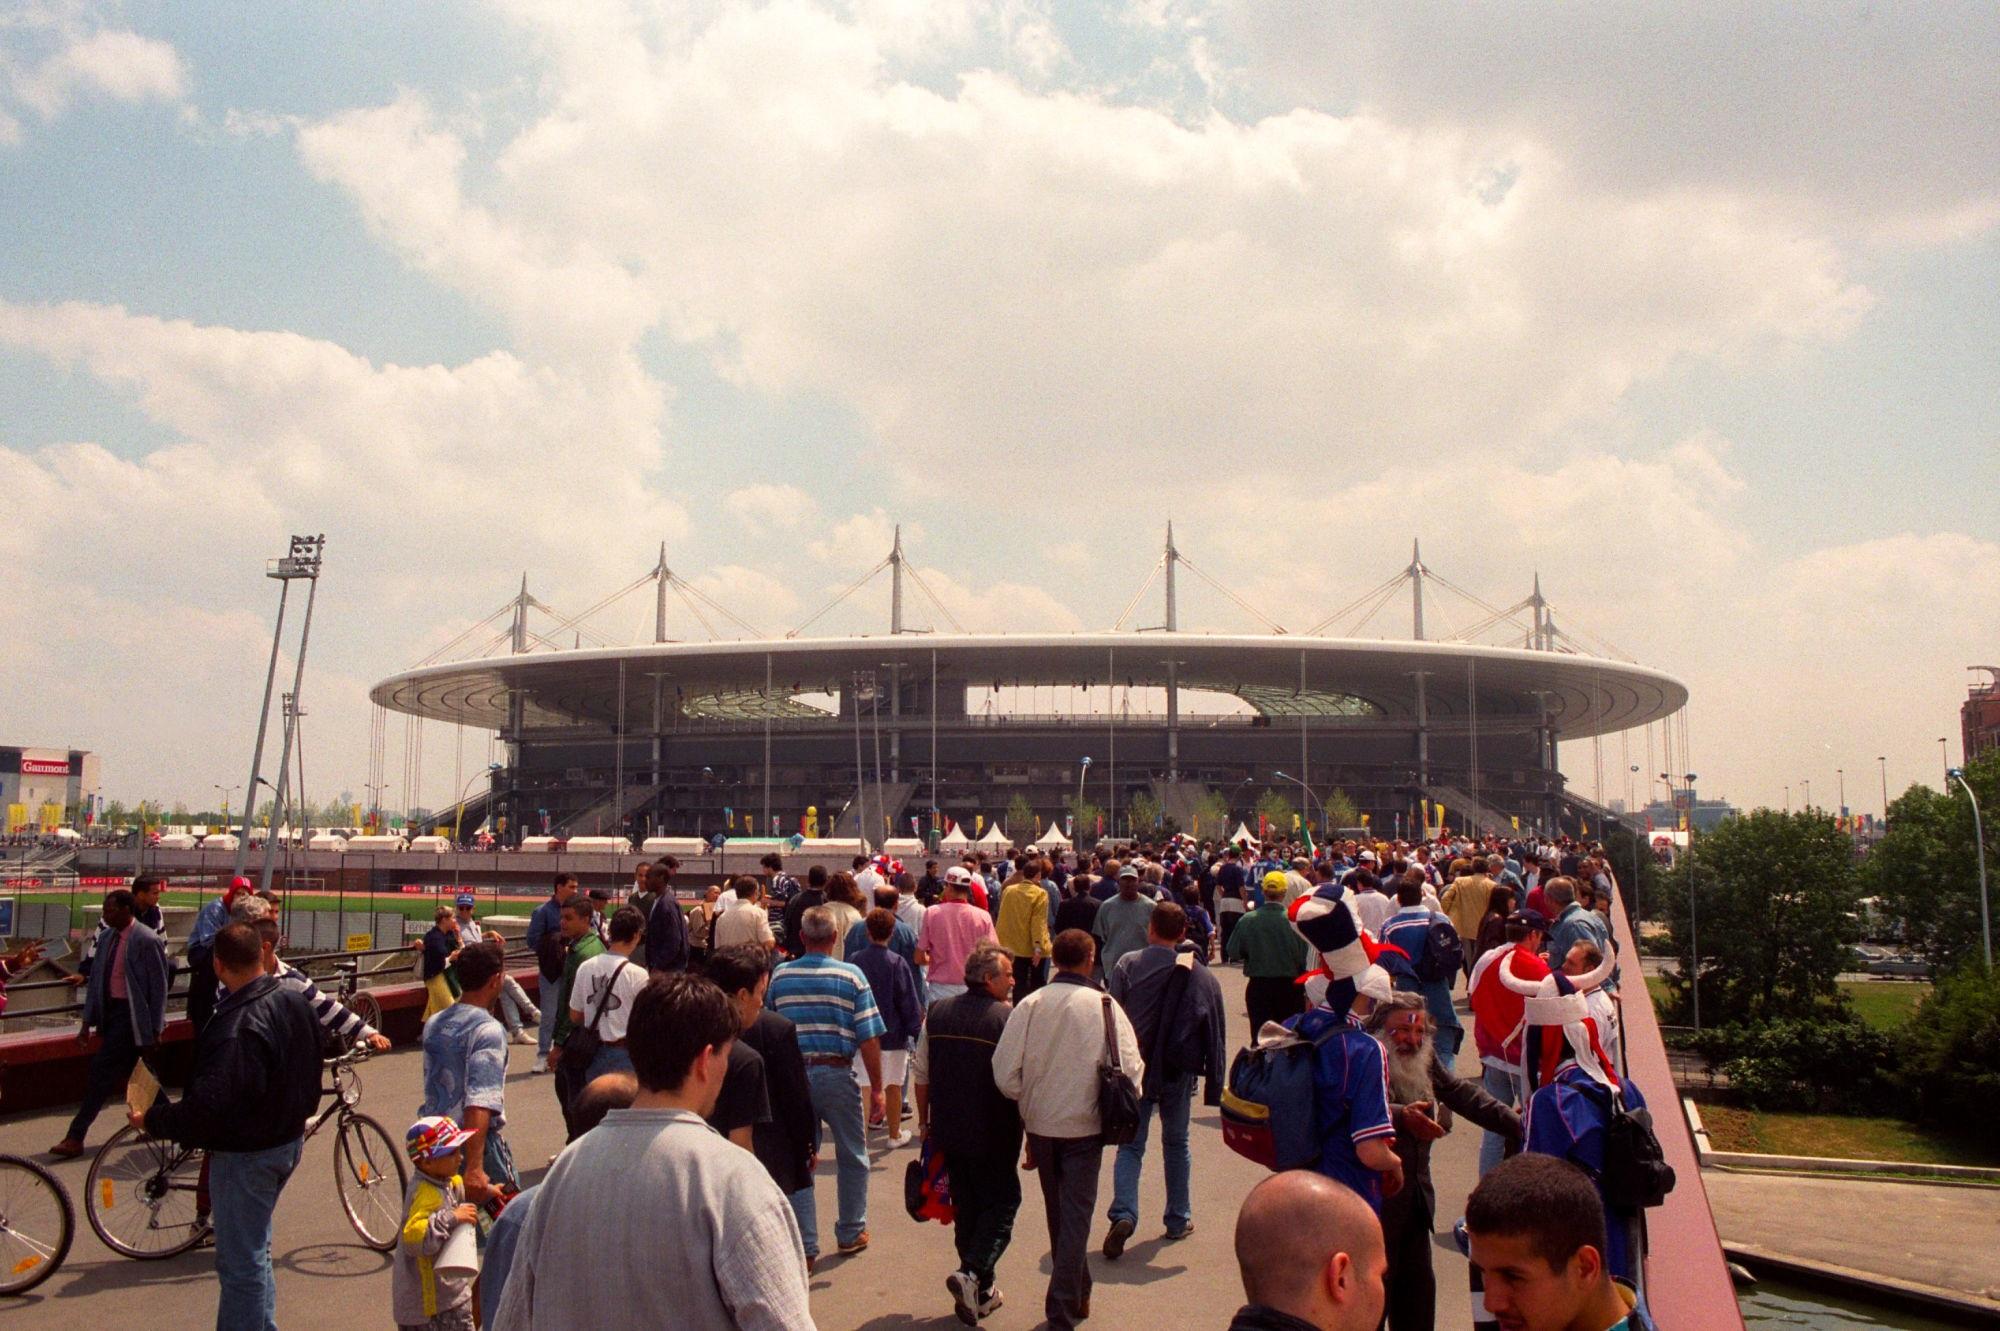 Officiel - Pas plus de 5 000 personnes au Stade de France pour les finales, le Conseil d'Etat a tranché